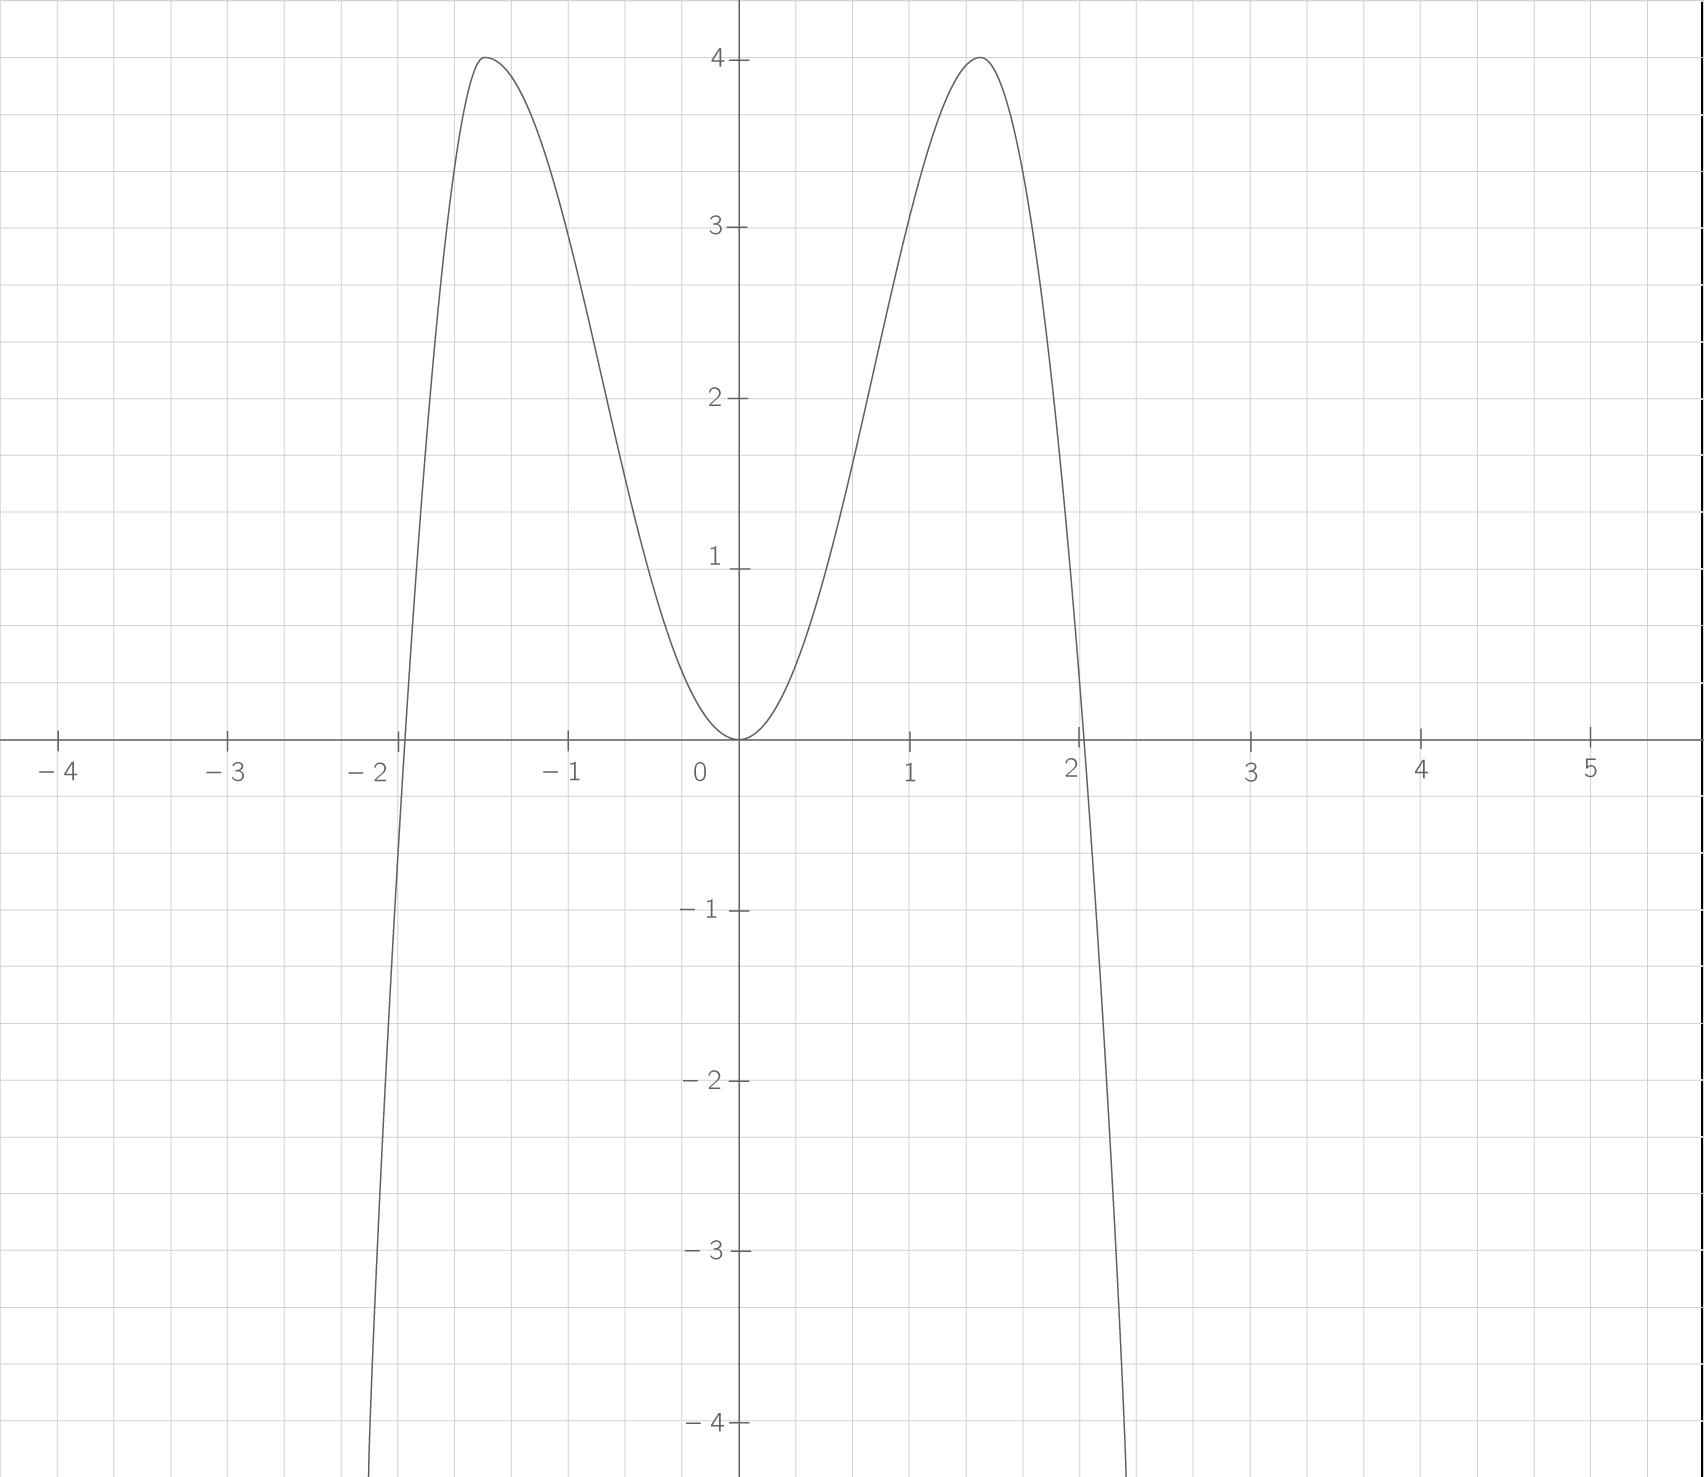 Determiner Le Sens De Variation D Une Fonction Grace A La Representation Graphique De Sa Derivee Ts Exercice Mathematiques Kartable